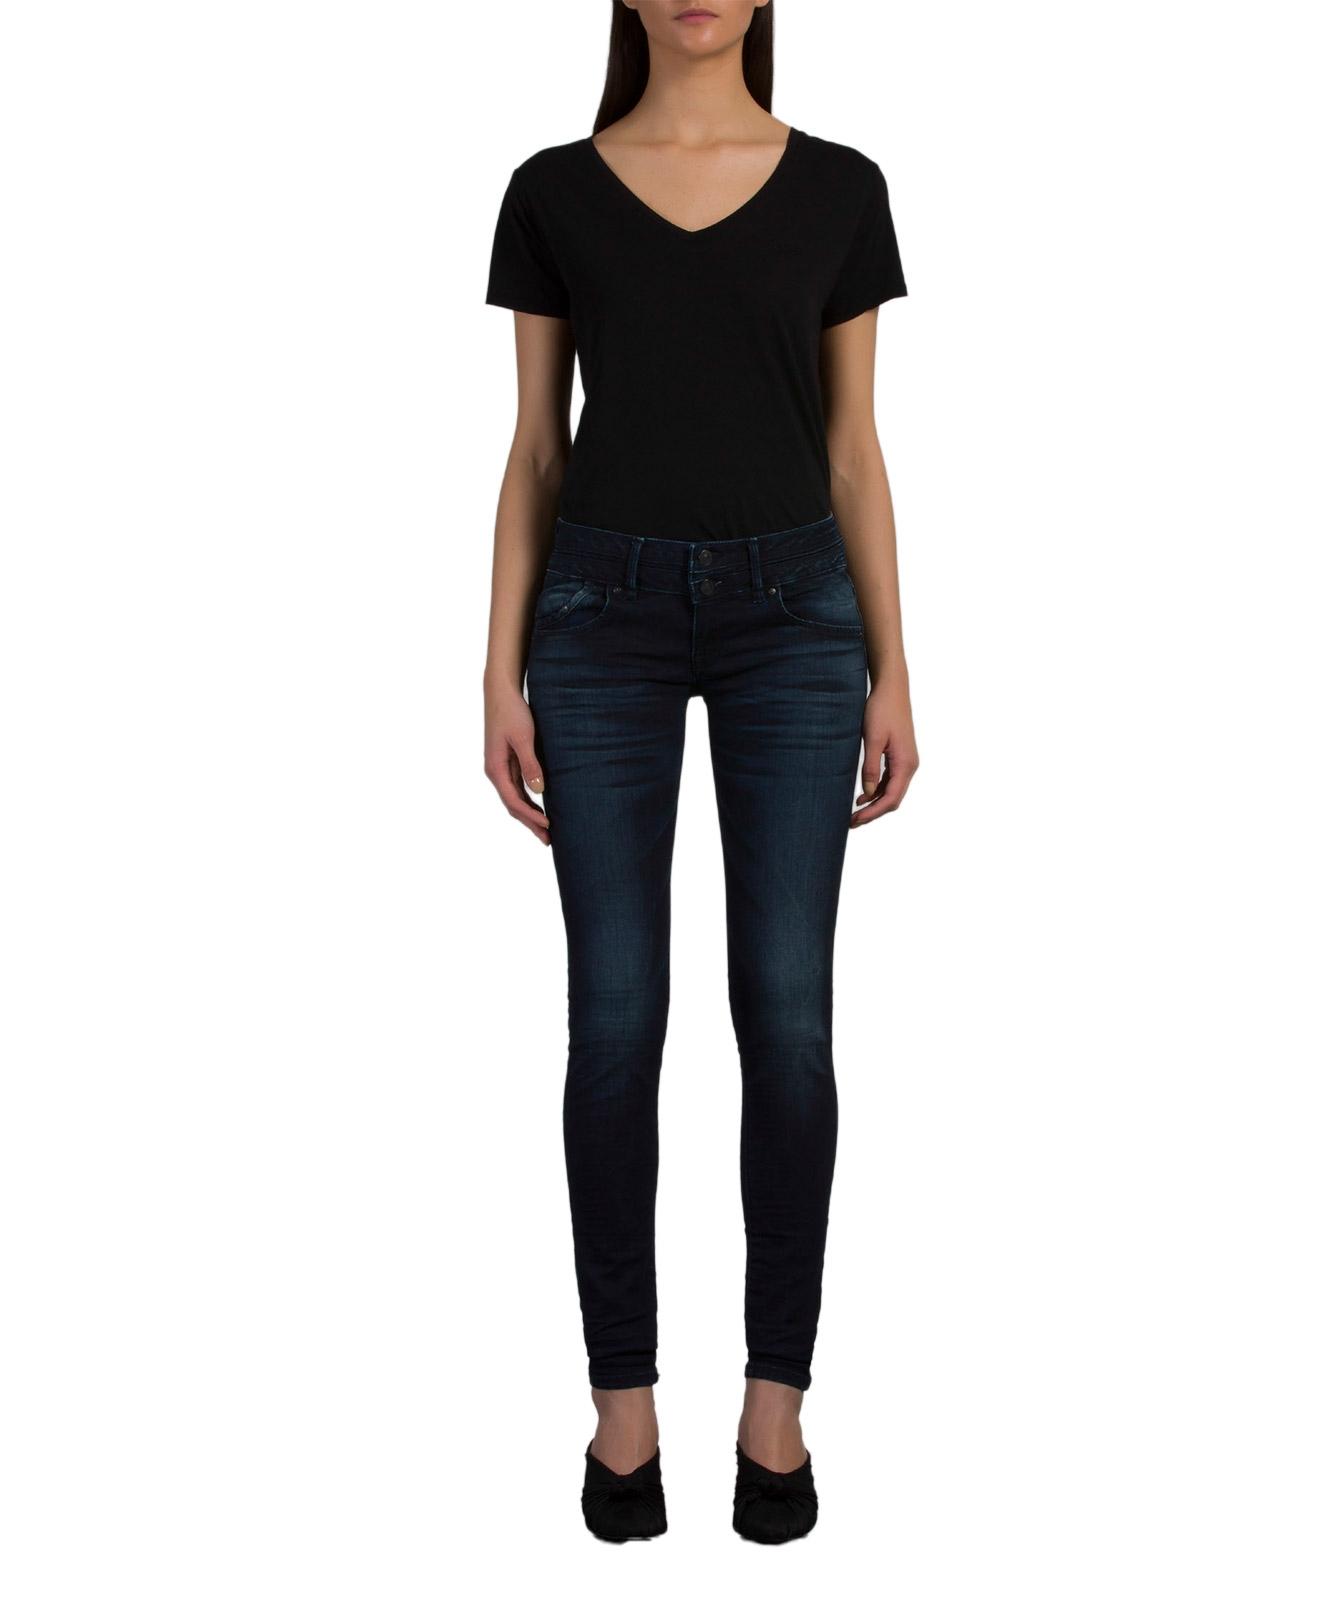 Hosen - LTB Skinny Jeans Julita X in Hidella  - Onlineshop Jeans Meile